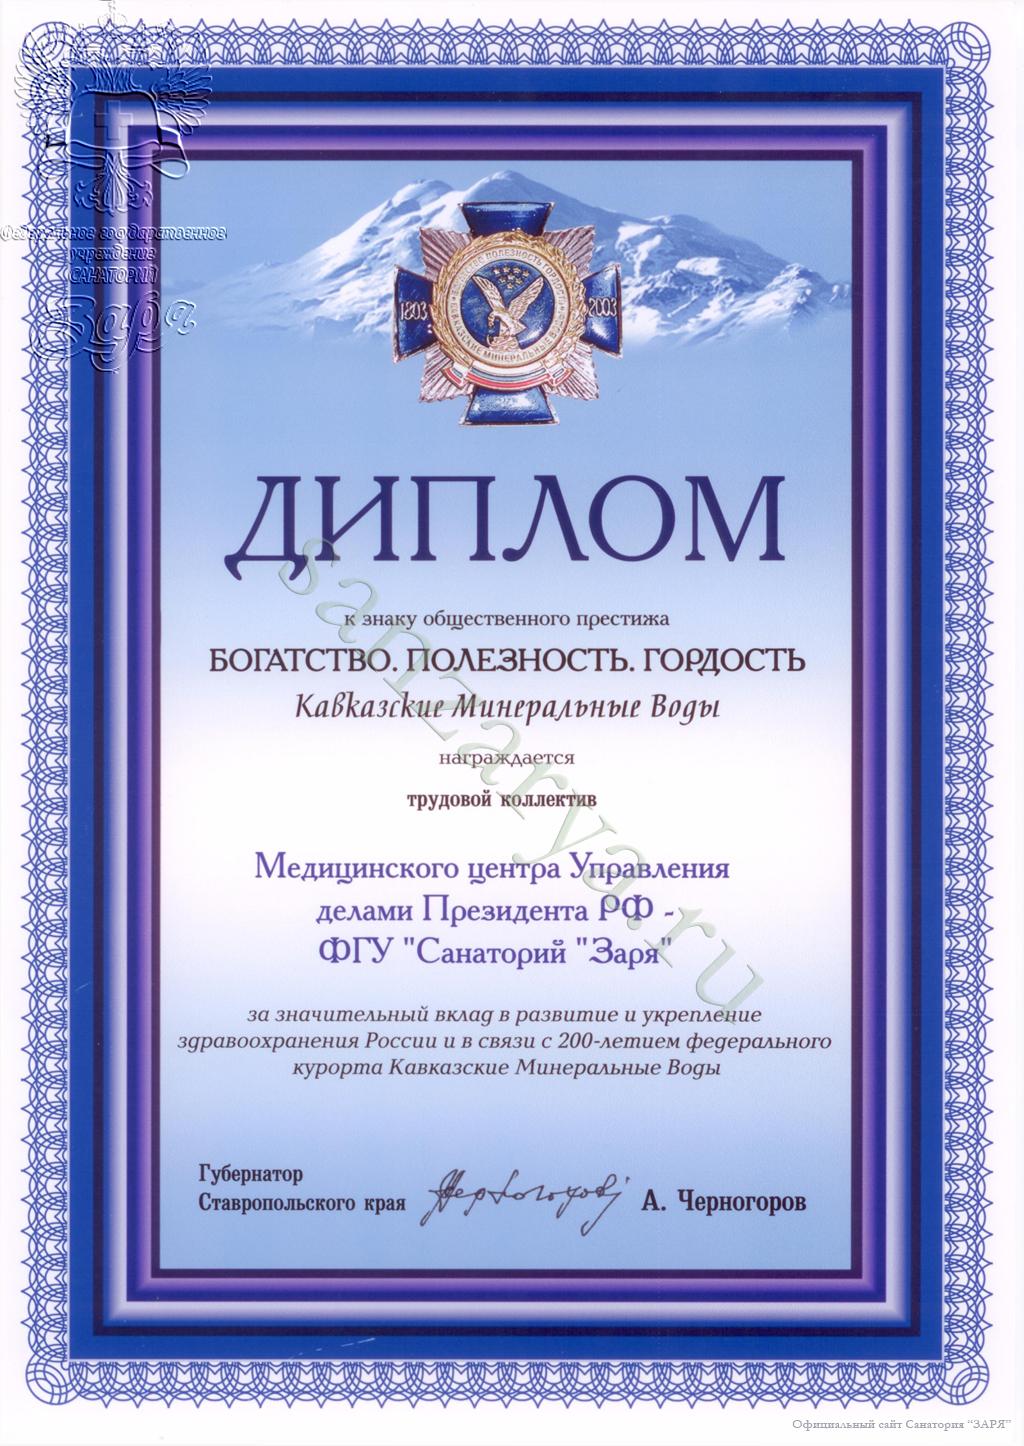 Награды Санаторий Заря  Диплом санатория за высокое качество услуг